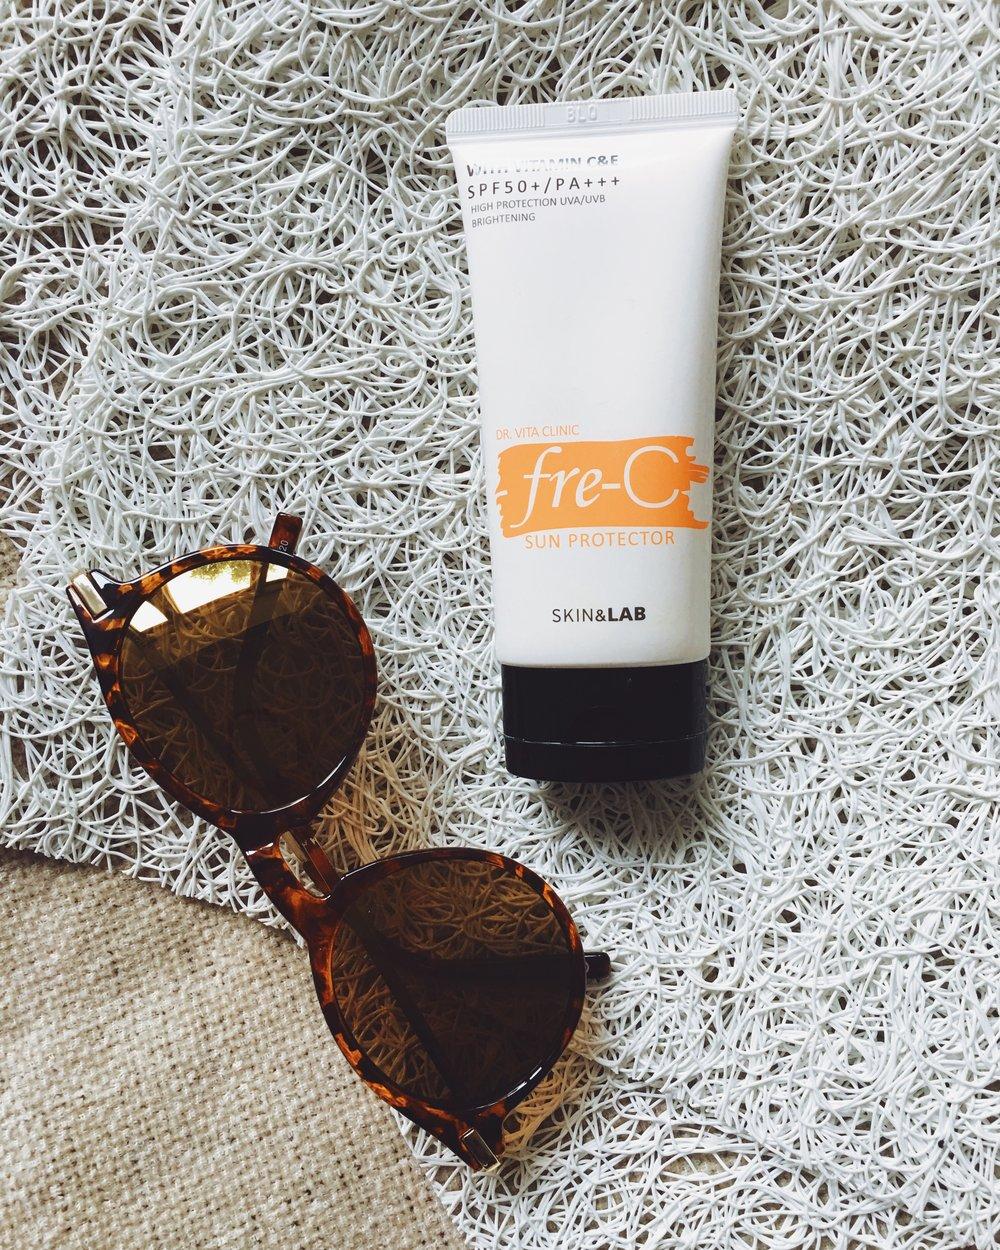 Skin Lab sunscreen